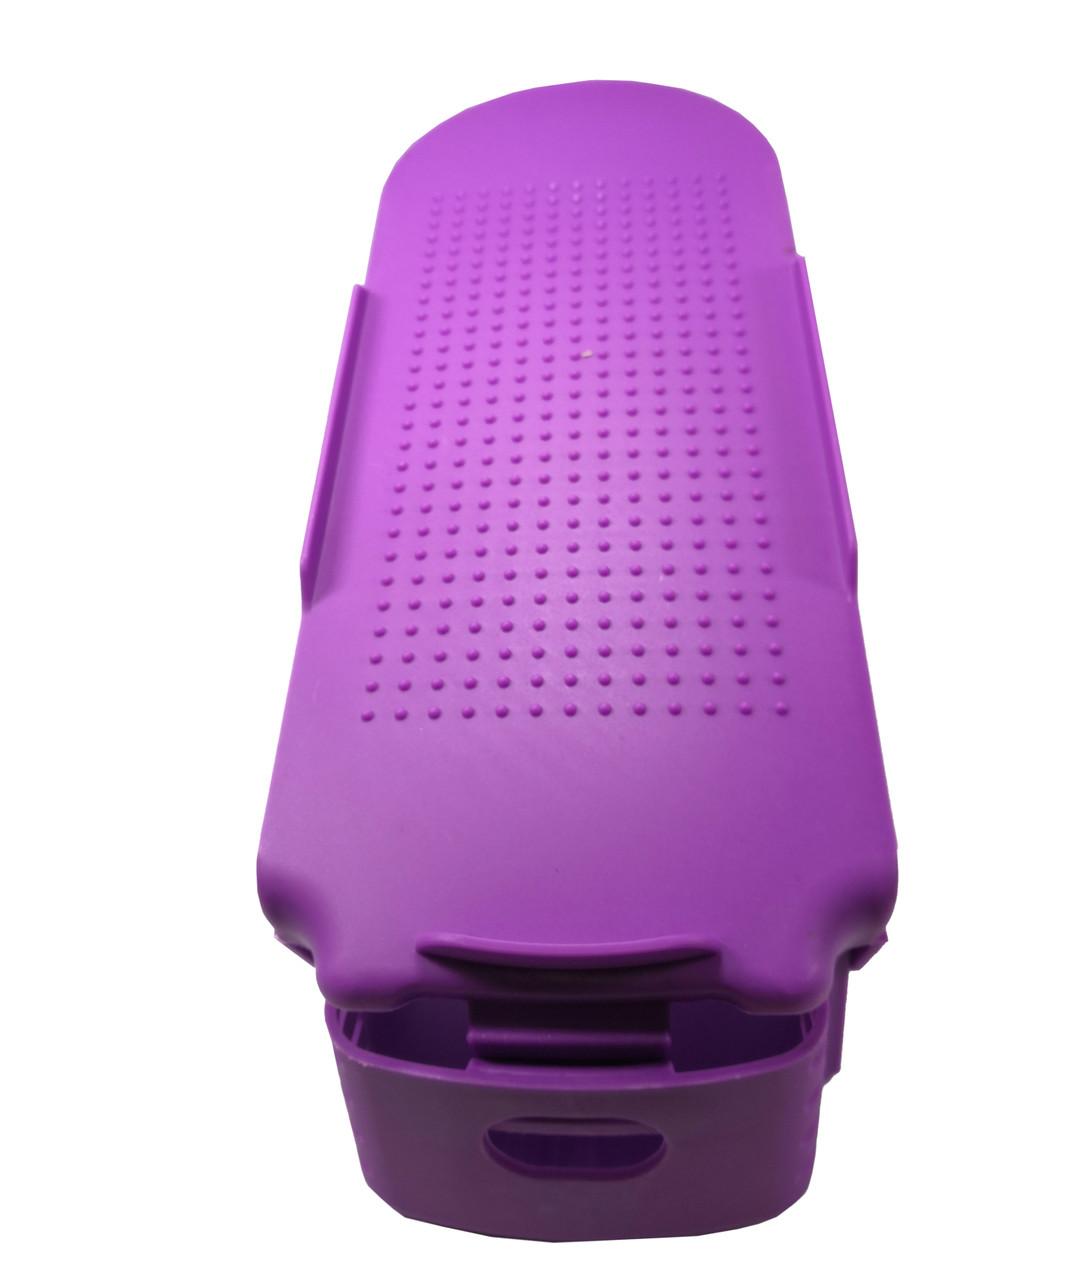 Подставка для обуви SHOES HOLDER - Фиолетовая